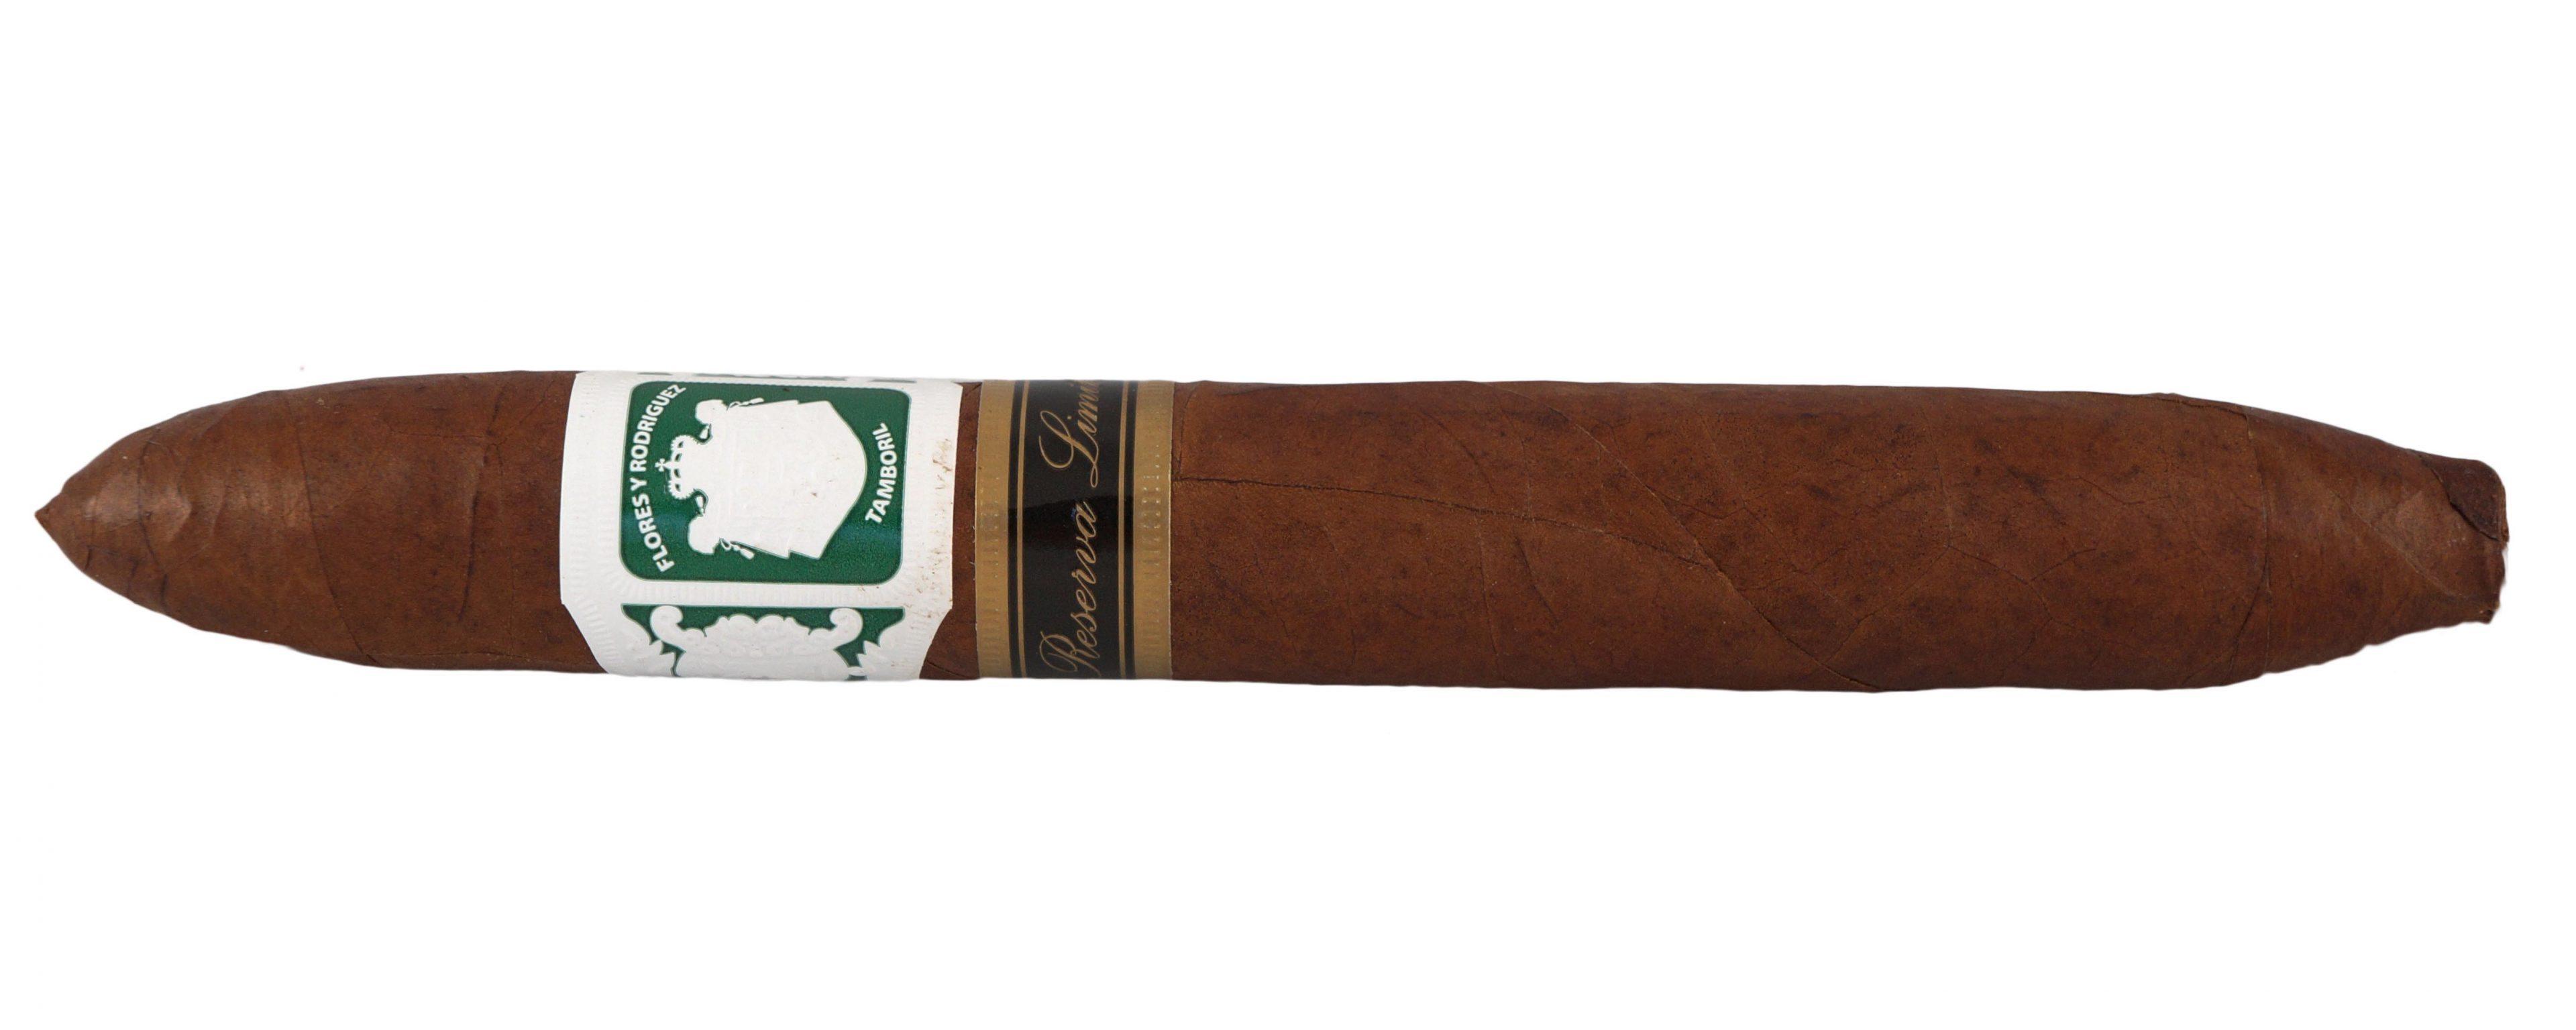 Blind Cigar Review: Flores y Rodriguez | 10th Anniversary Reserva Limitada Figurado